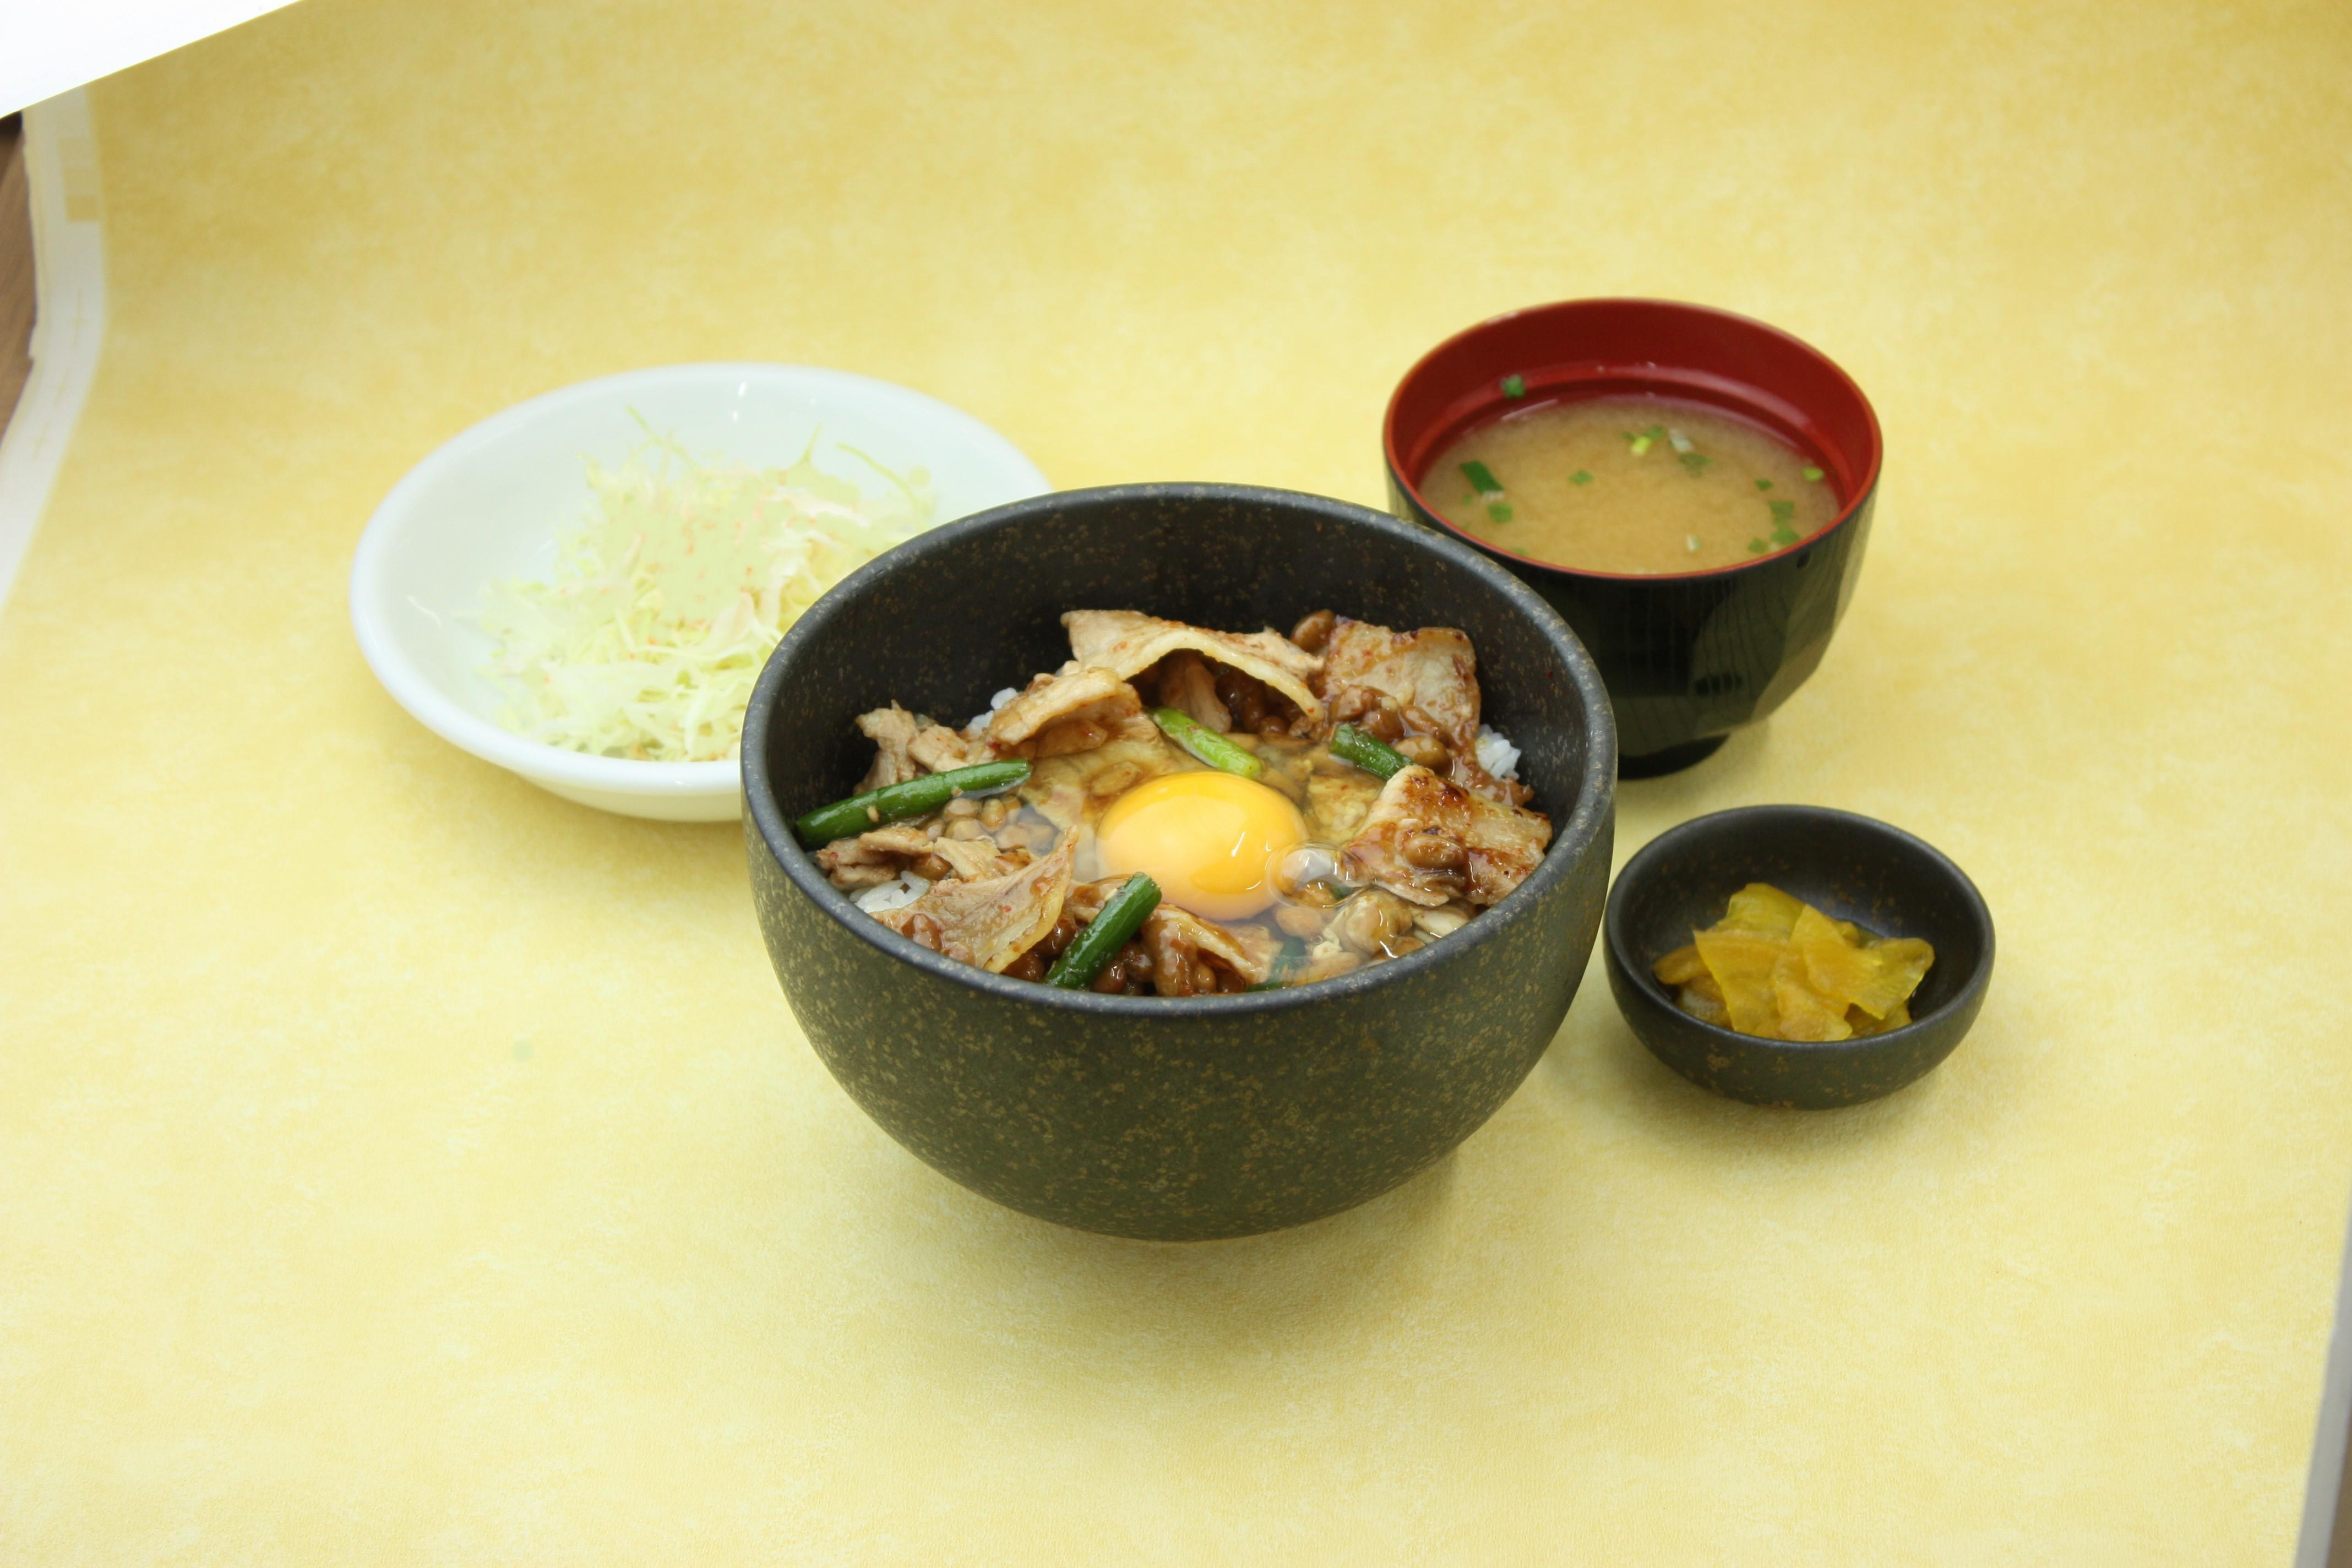 第3位「スタミナ丼」のイメージ画像